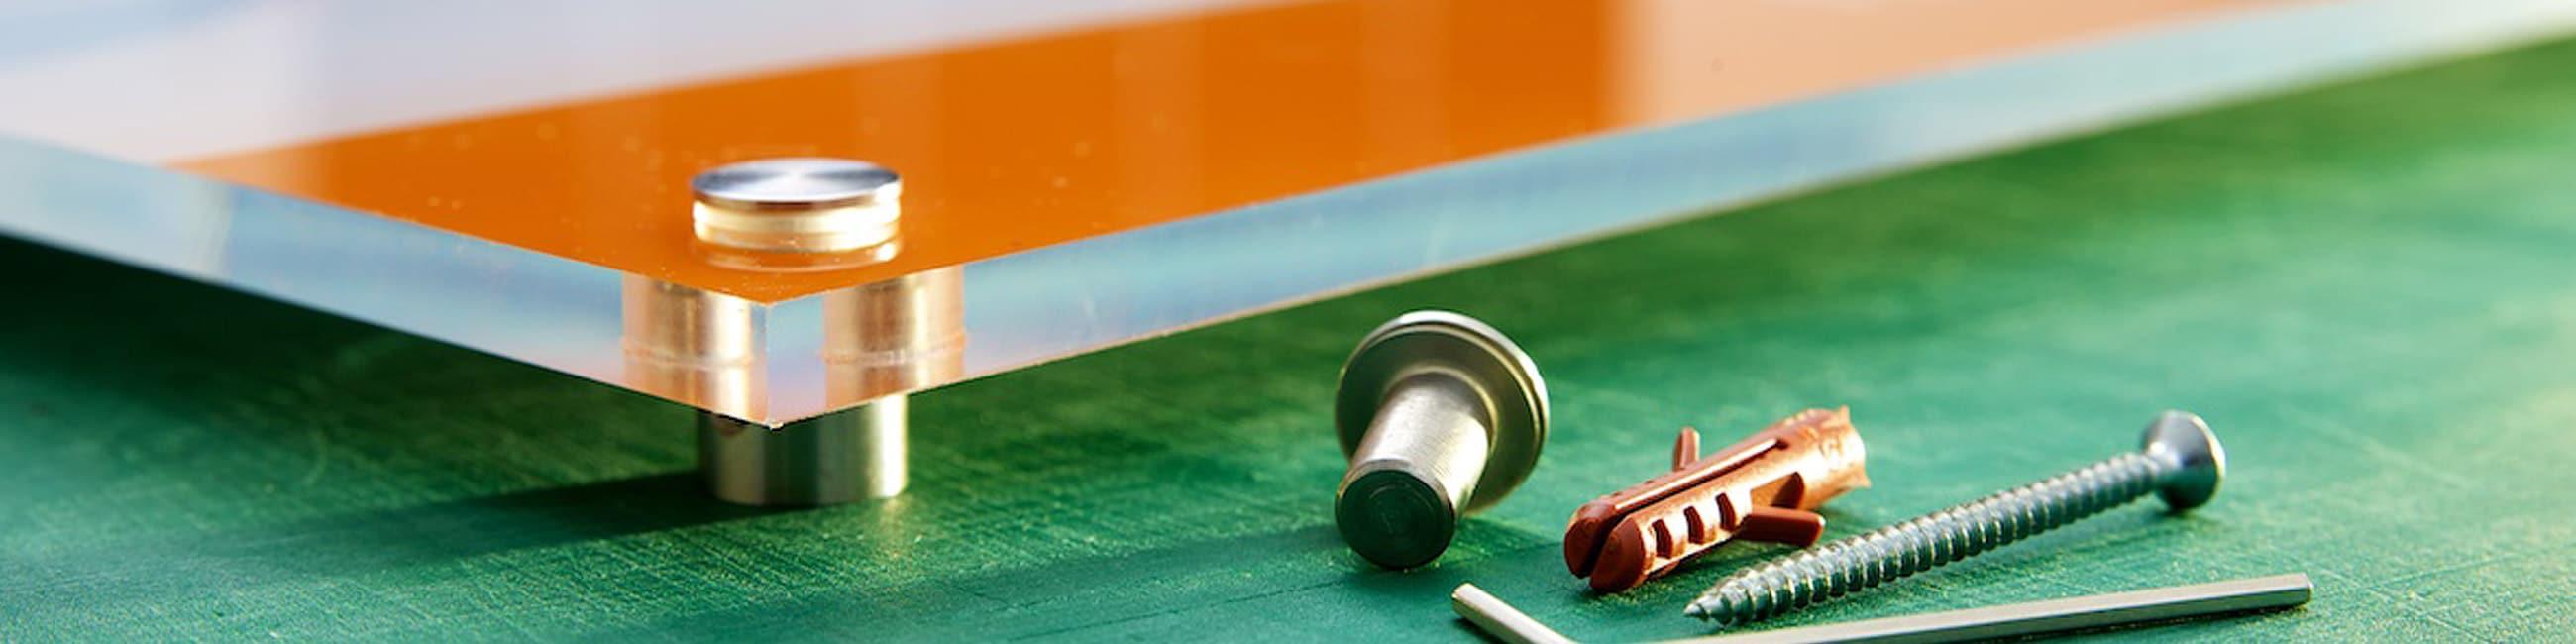 Montageservice für Acrylglasschilder